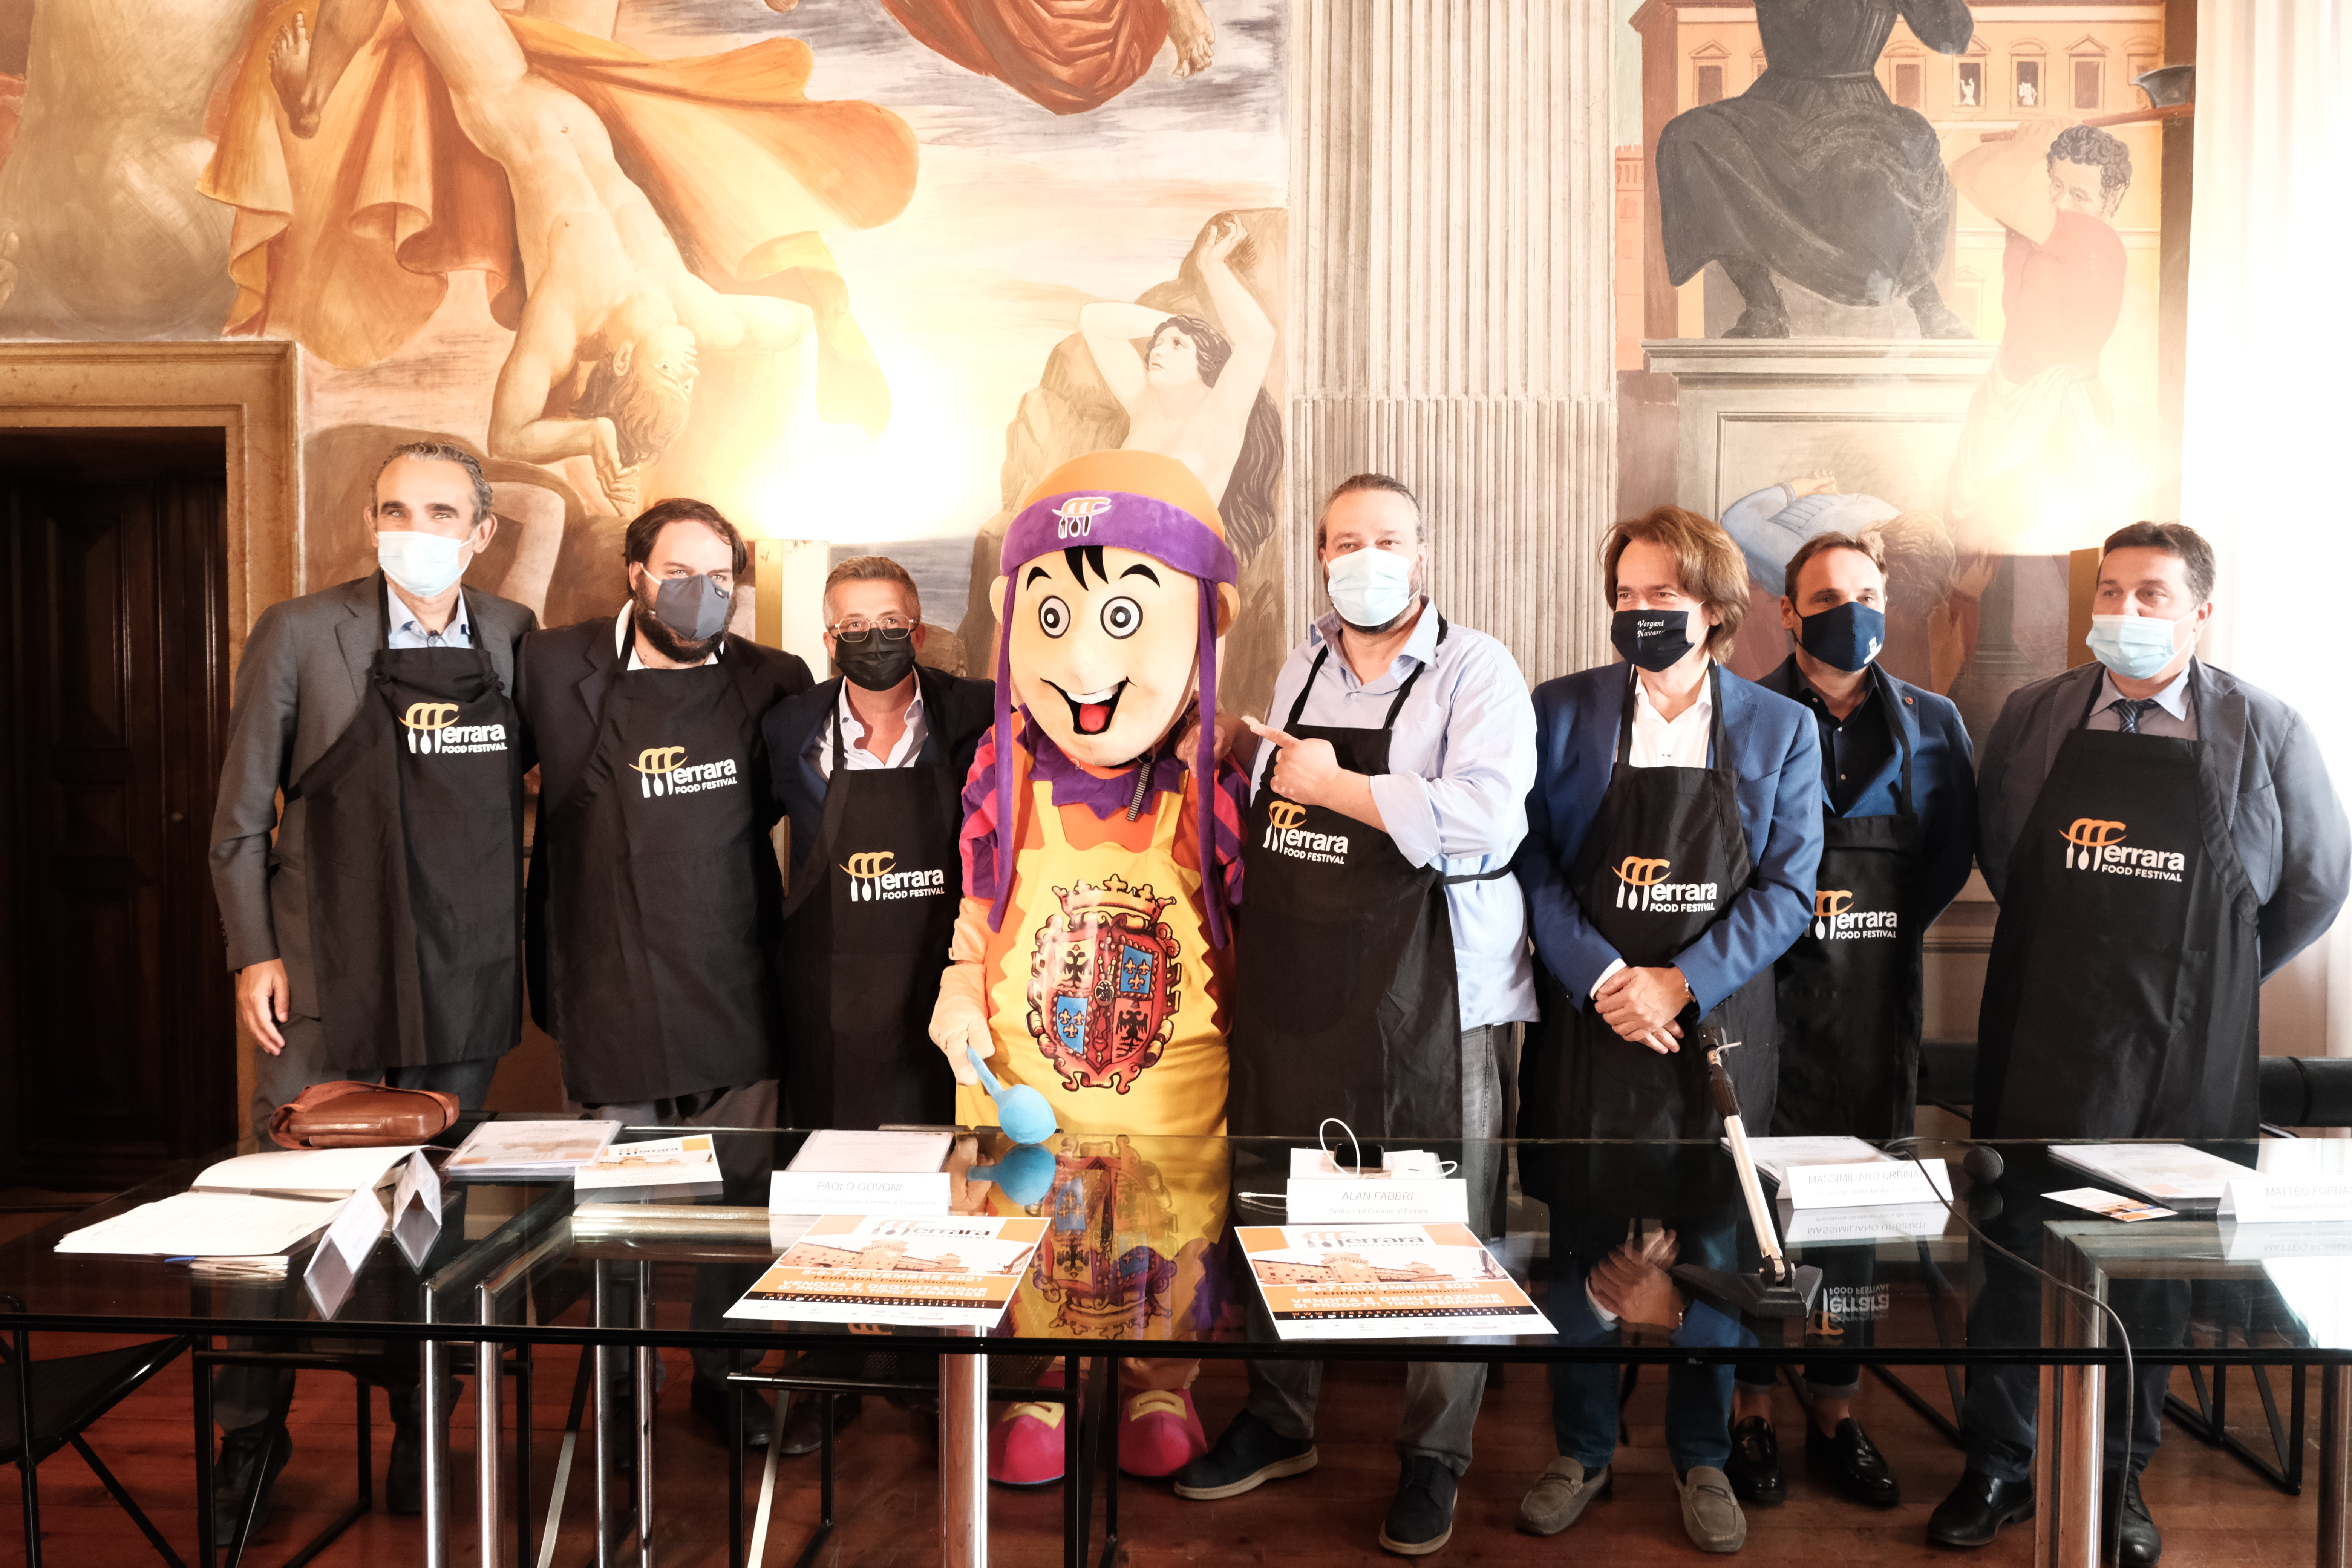 Presentato il Ferrara Food Festival. Tra gli sponsor Coop Giulio Bellini e Coop Alleanza 3.0